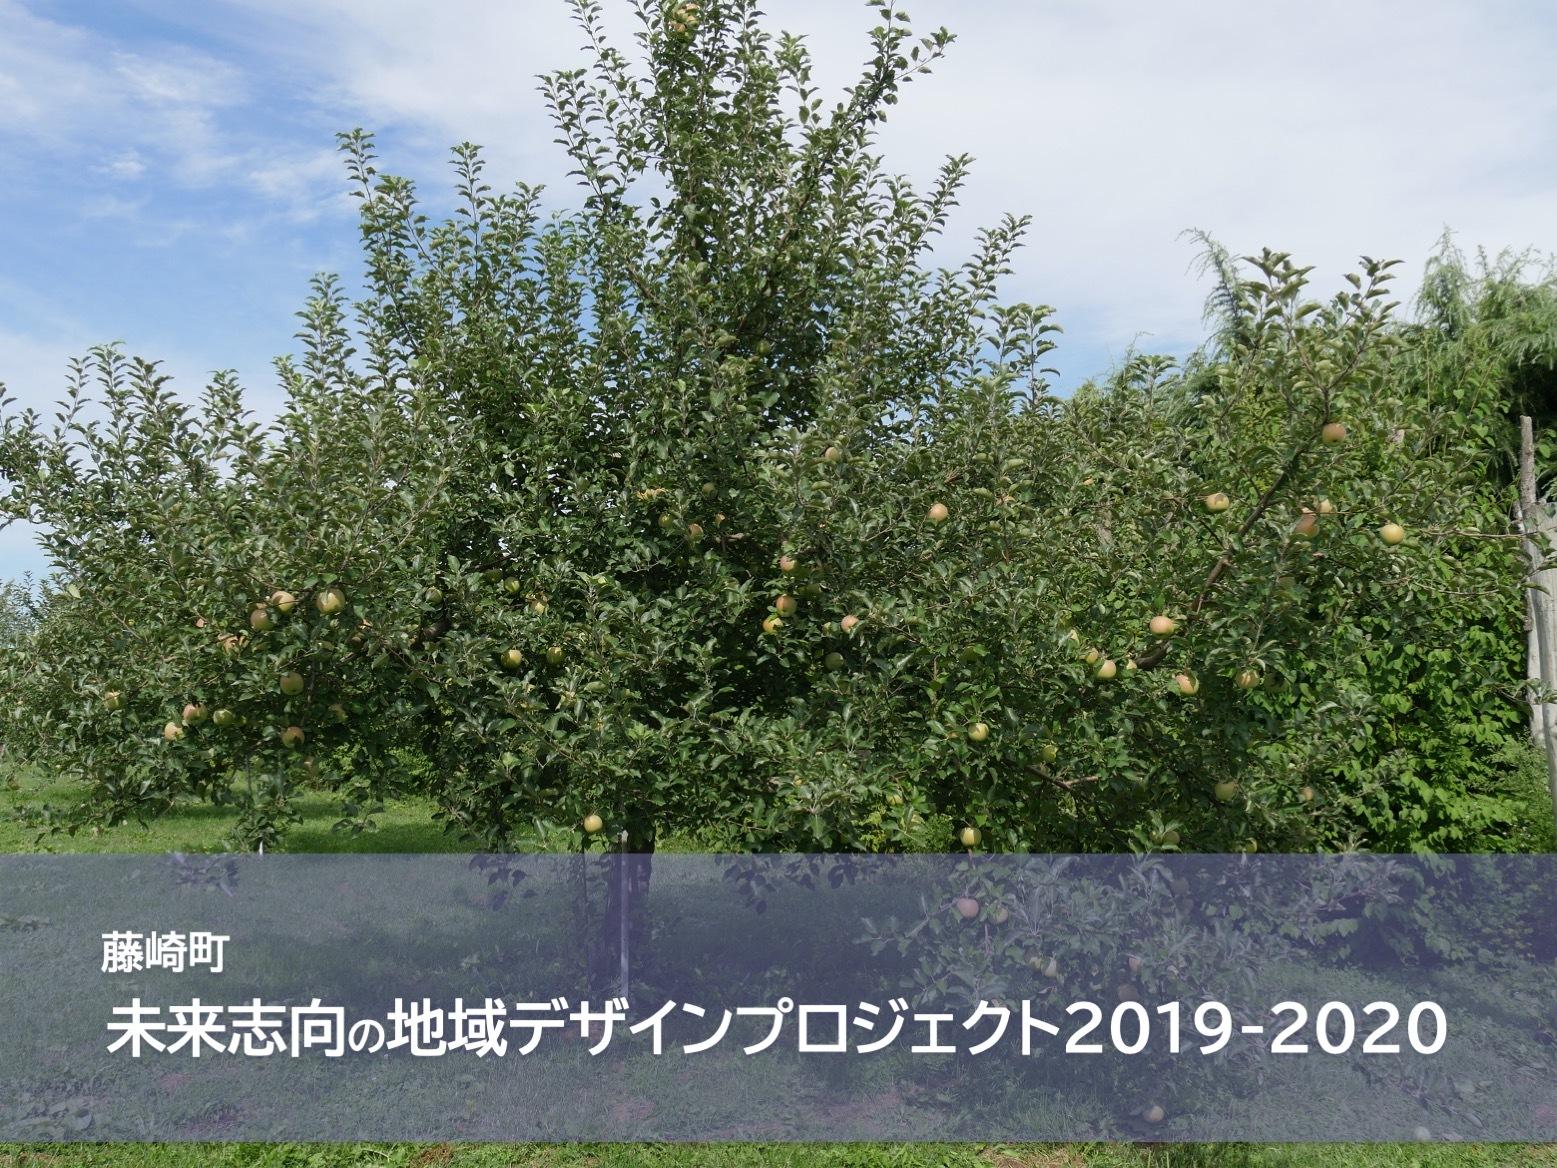 藤崎町 未来志向の地域デザインプロジェクト2019-2020